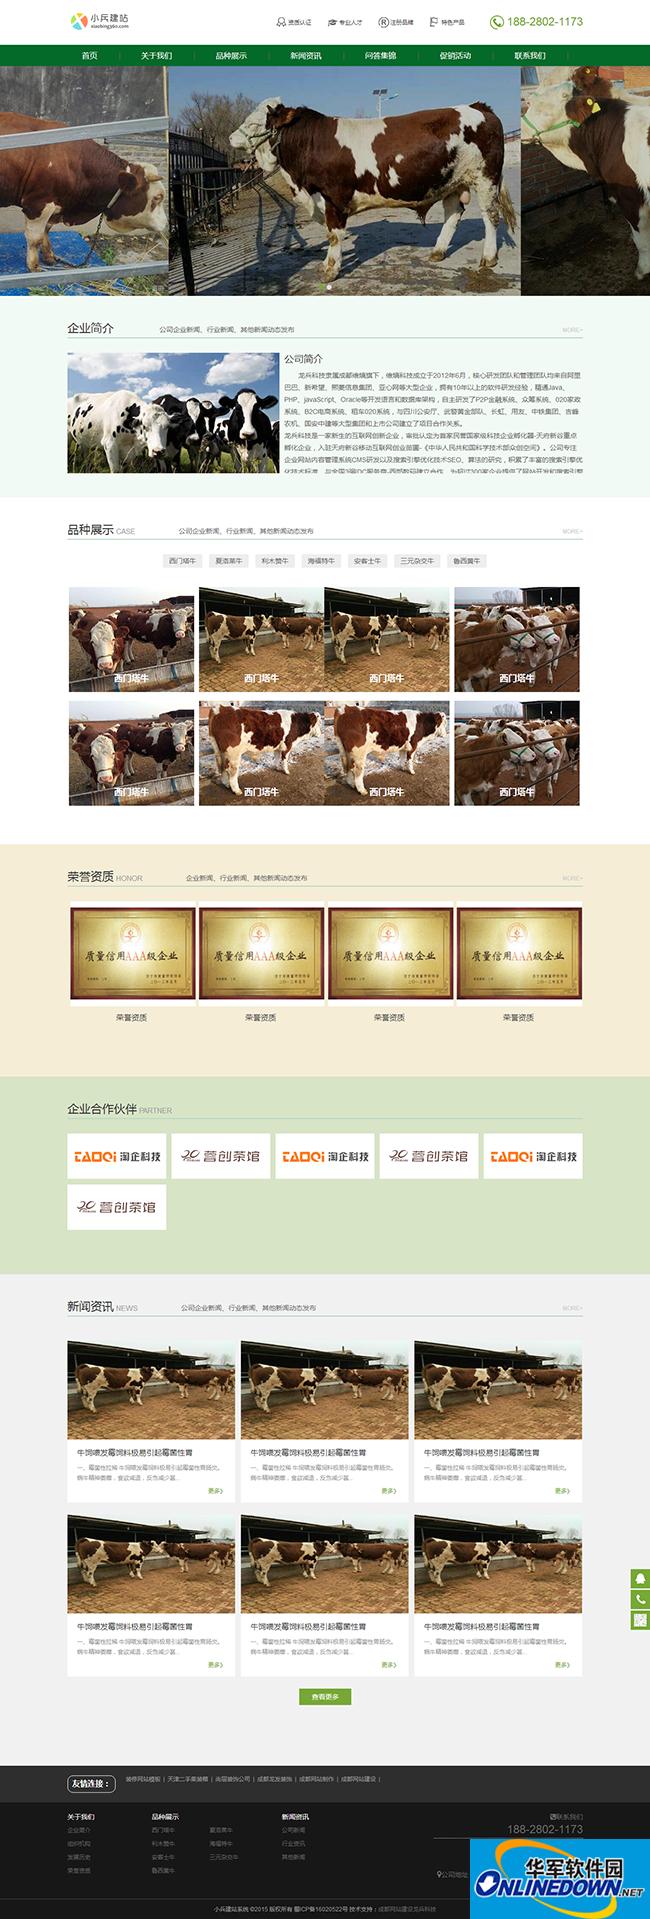 养殖公司网站模板_肉牛养殖网站源码带手机版